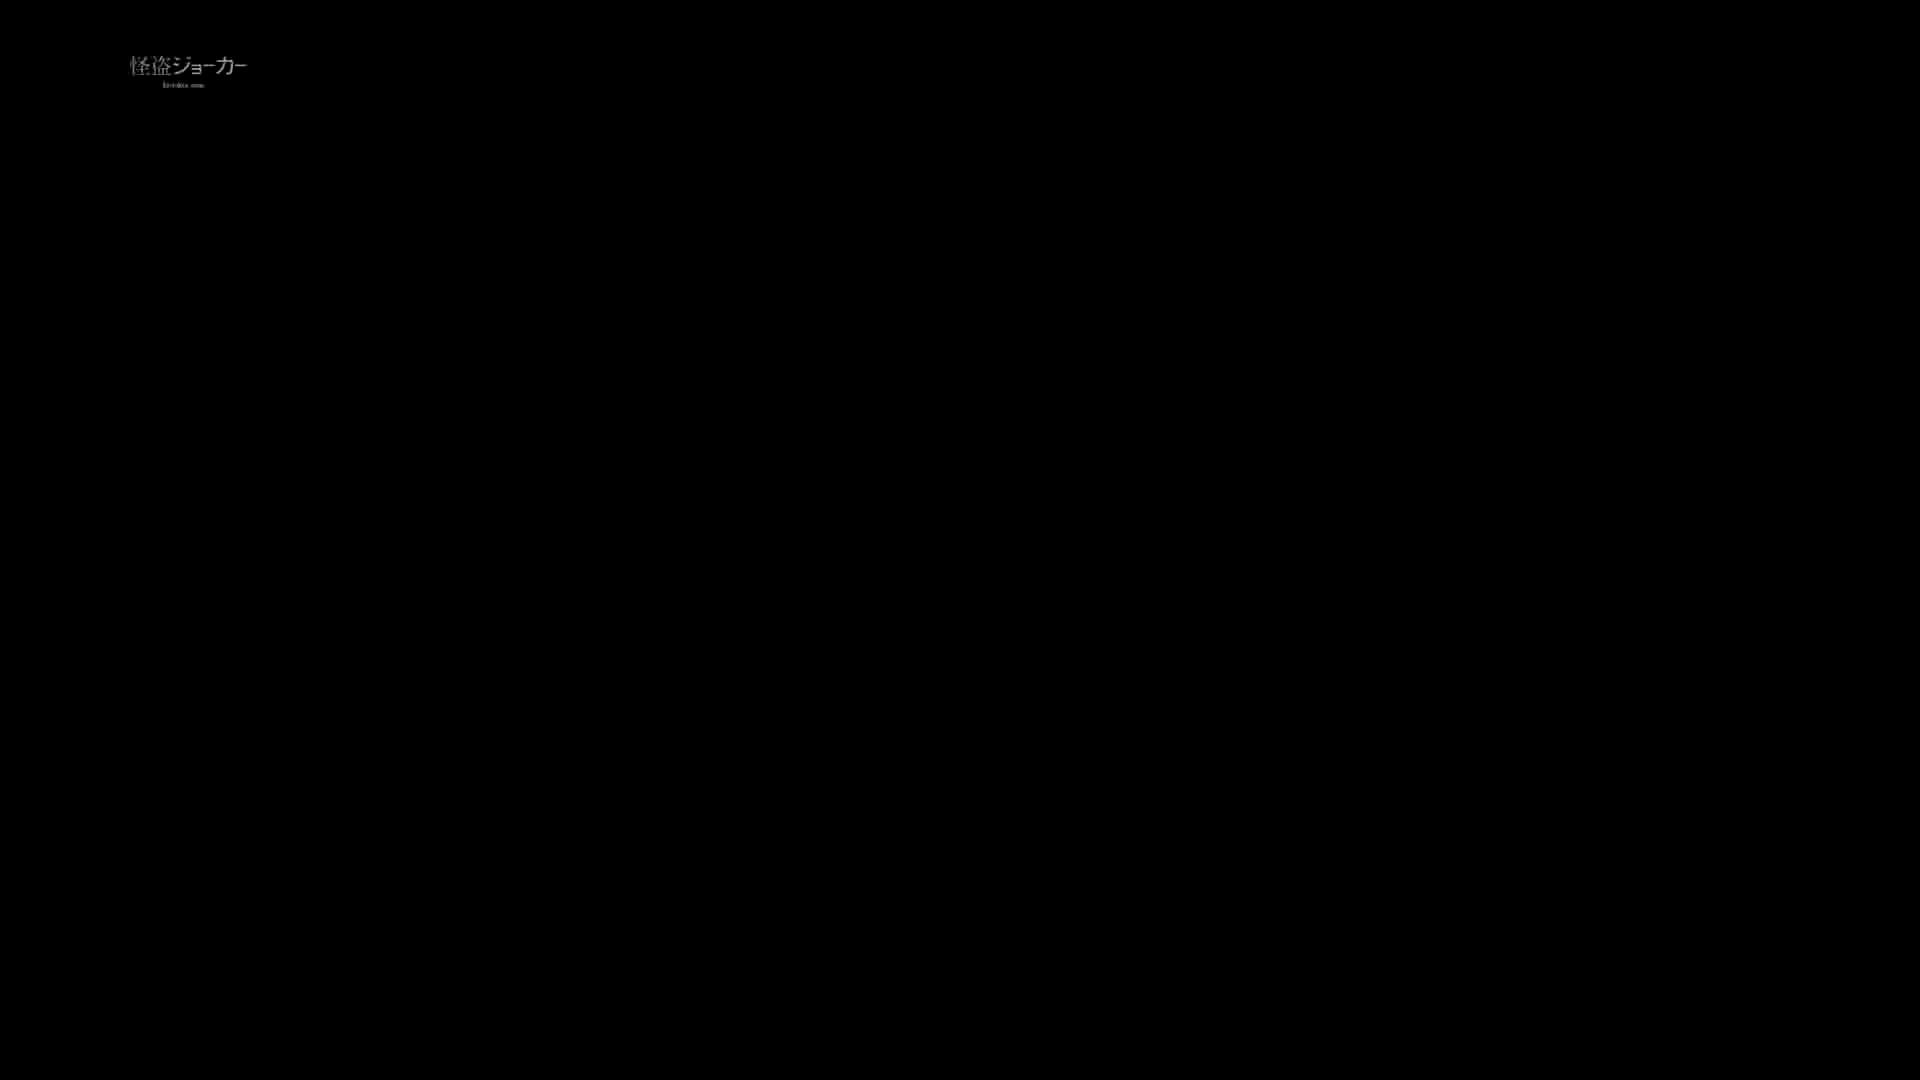 リアルインパクト盗撮~入浴編 Vol.01 お姉さんのボディ | 入浴中の女性  54PIX 25